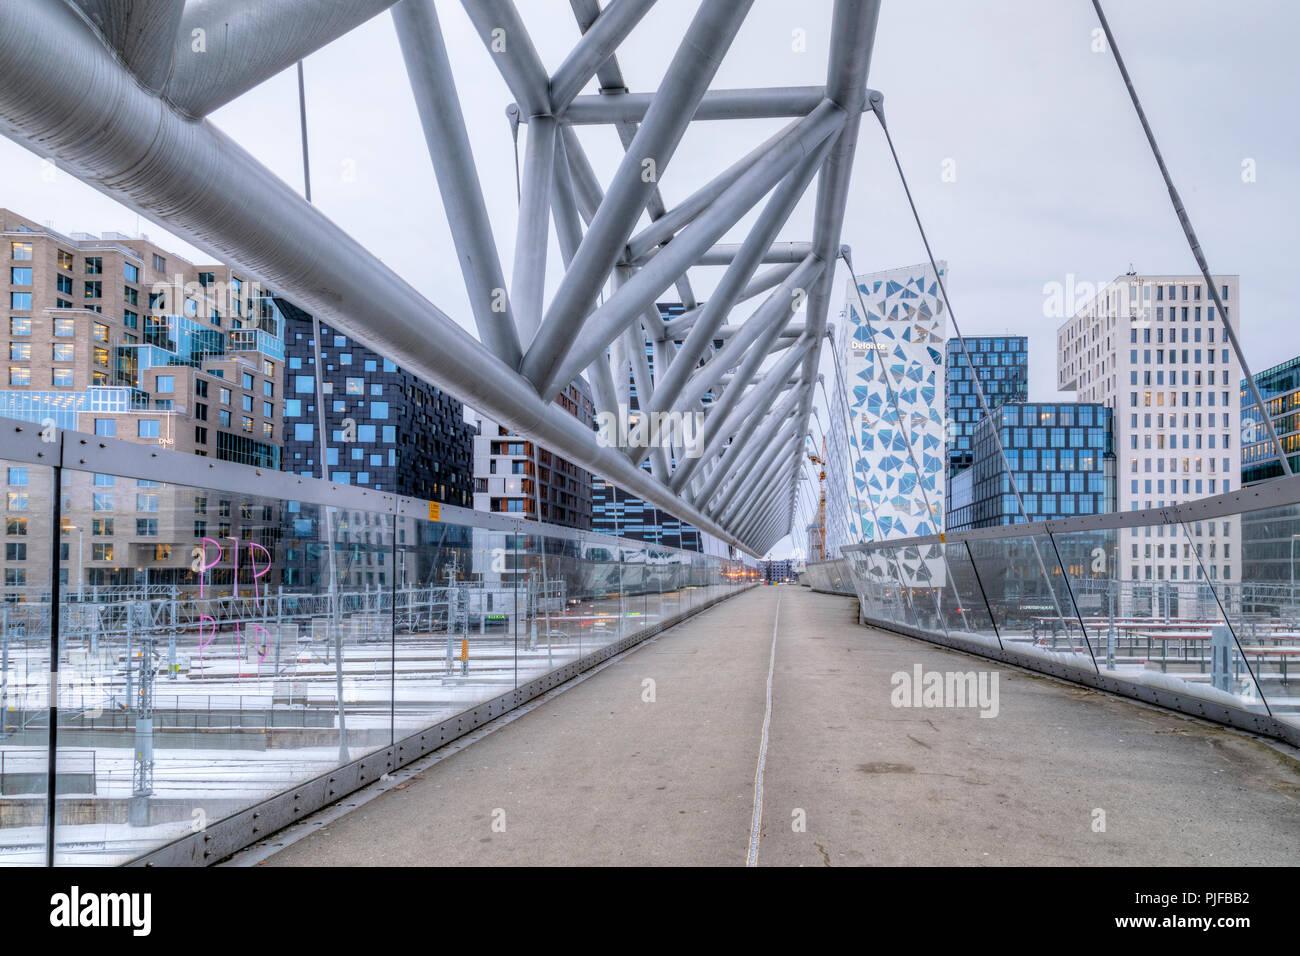 Oslo, Barcode, Akrobaten Bridge, Norway, Europe - Stock Image